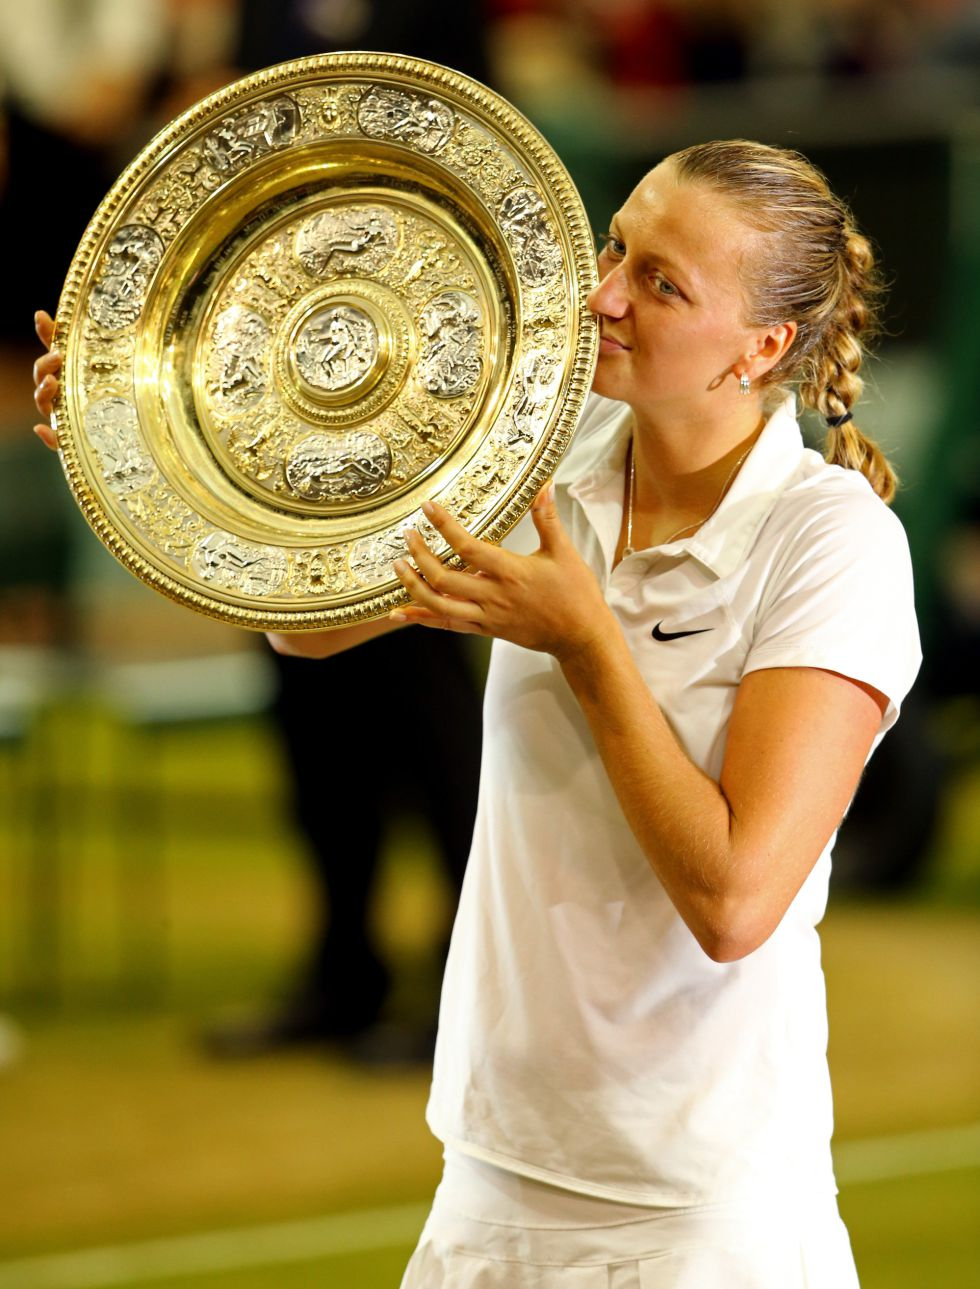 Wimbledon 2014 - Página 4 1404570707_077283_1404570811_noticia_grande